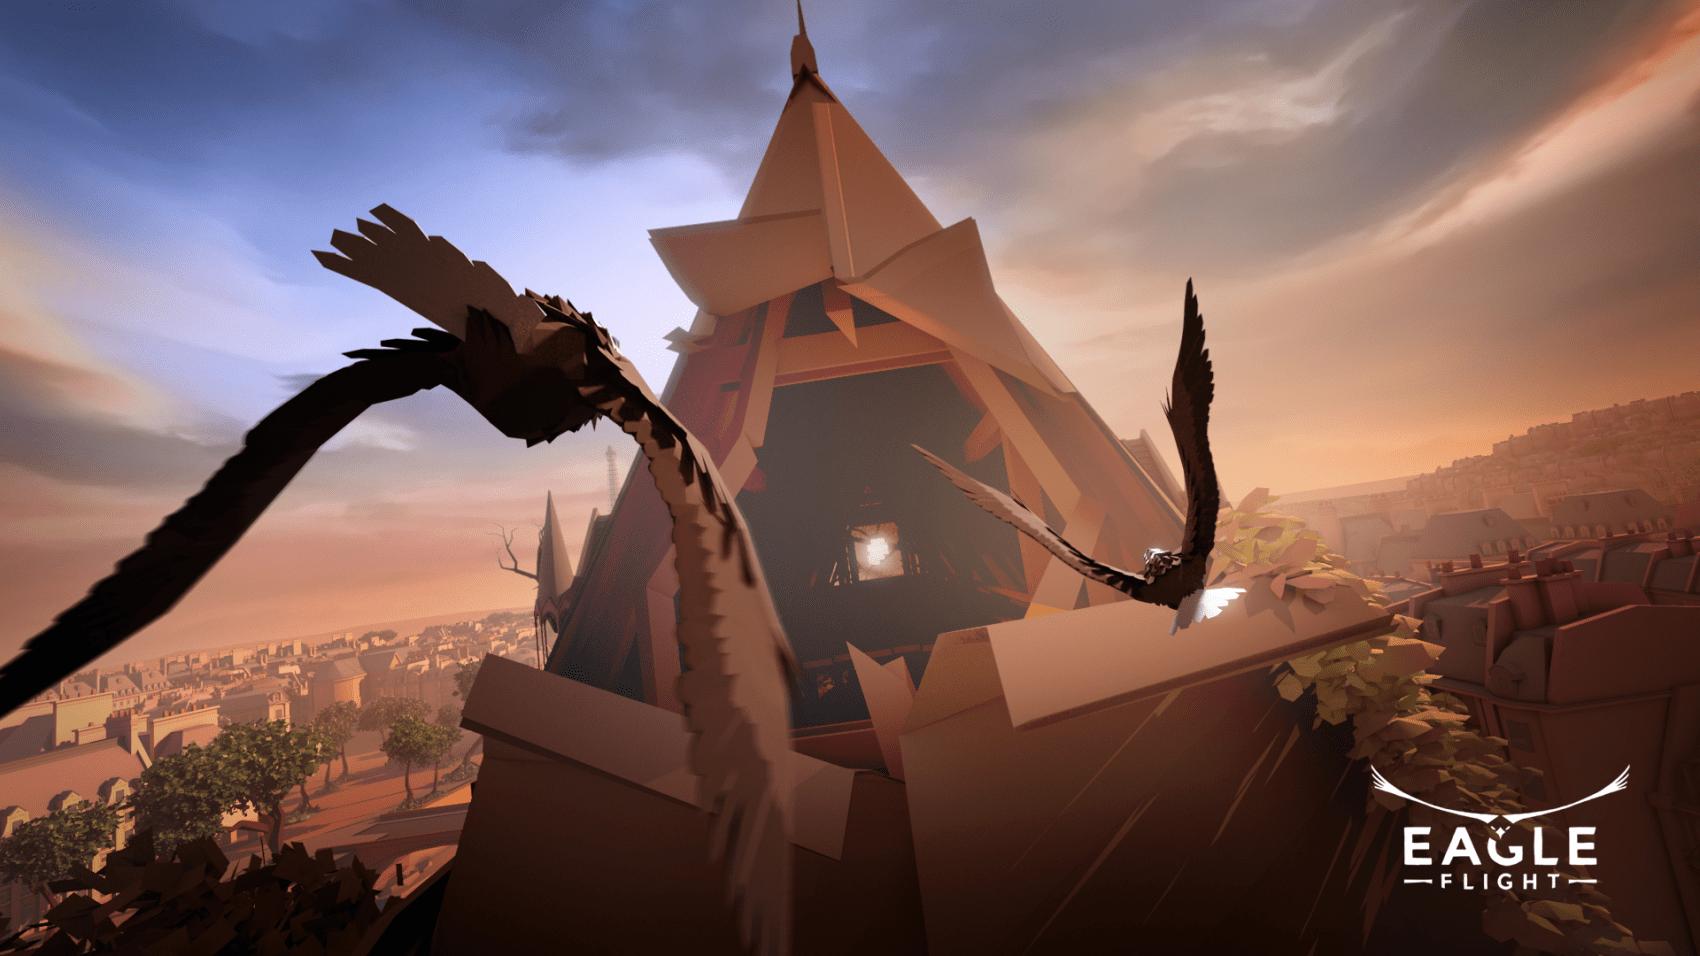 eagle-flight-test-my-geek-actu-nid